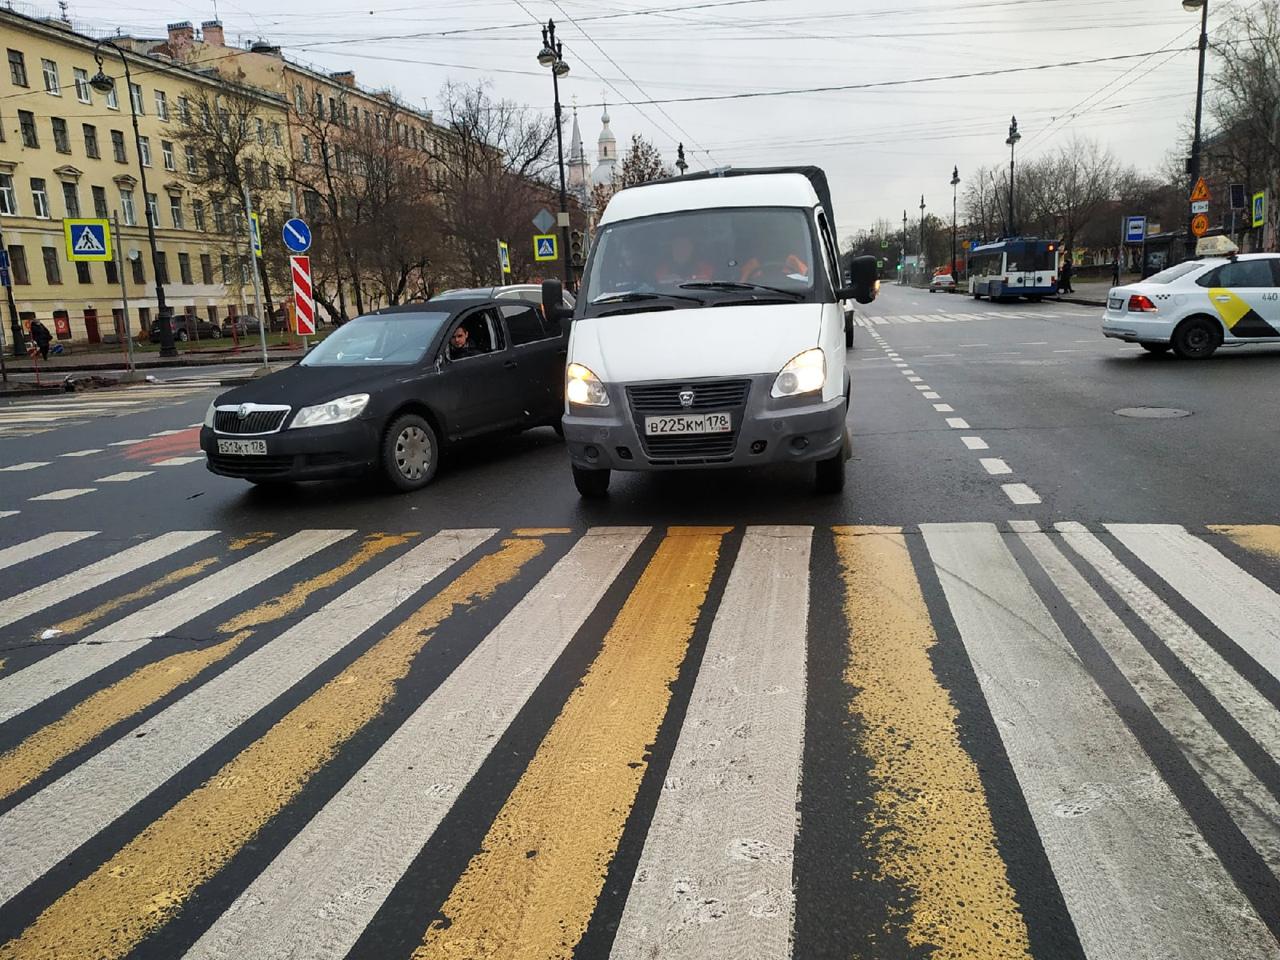 На перекрестке Большого проспекта В.О. и 8-9 линии. Светофор не работал я на Газели остановился проп...